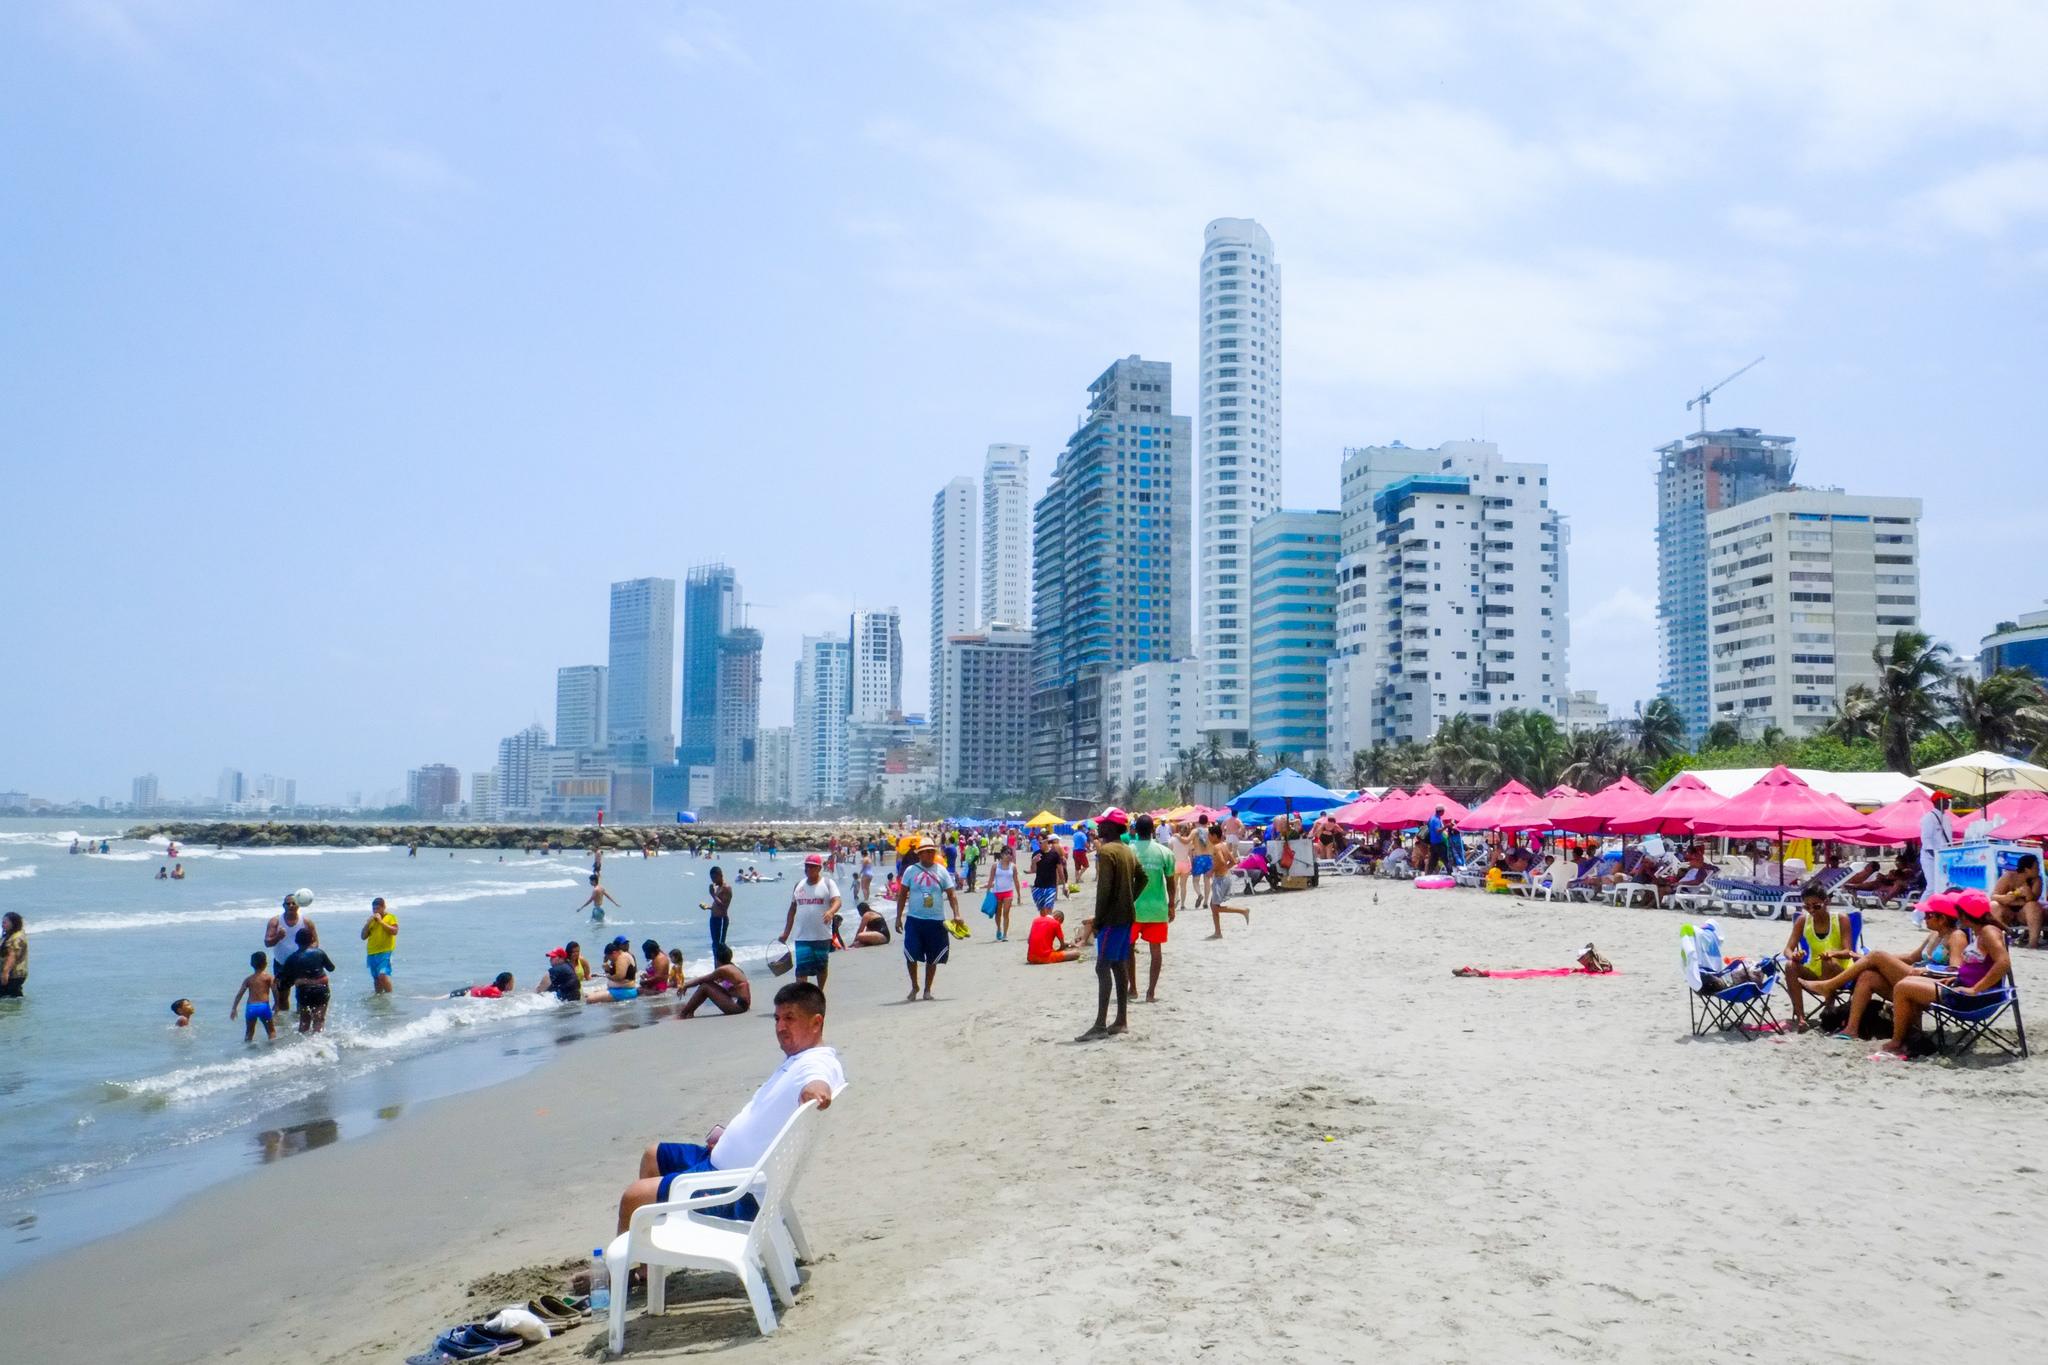 The Coolest Neighbourhoods In Cartagena, Colombia